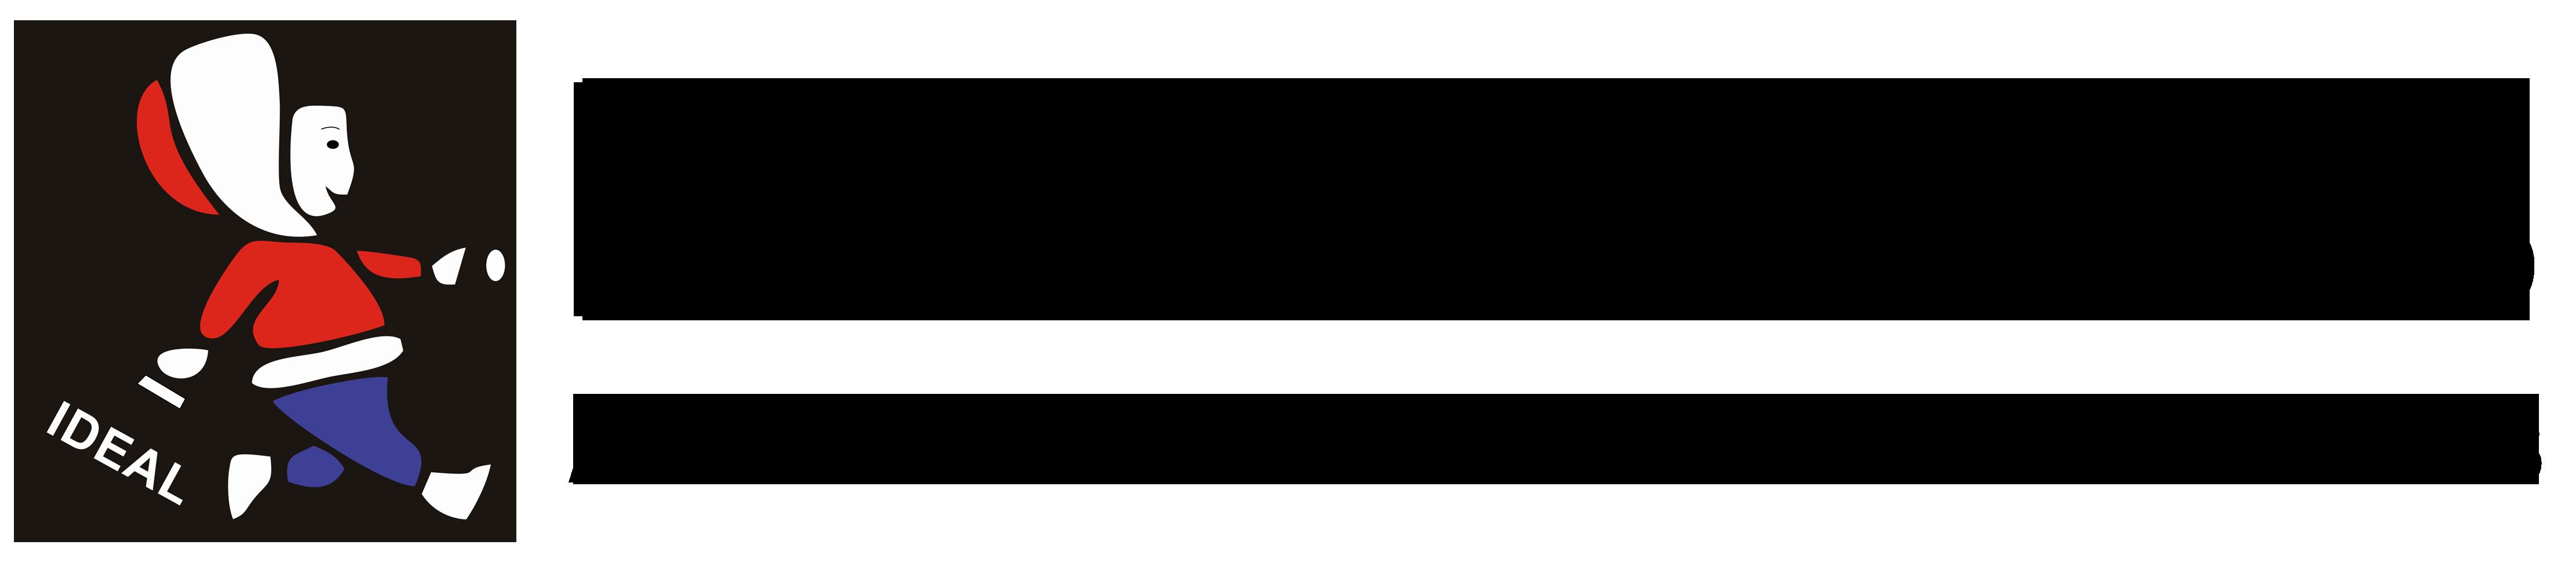 Logotipo com Texto